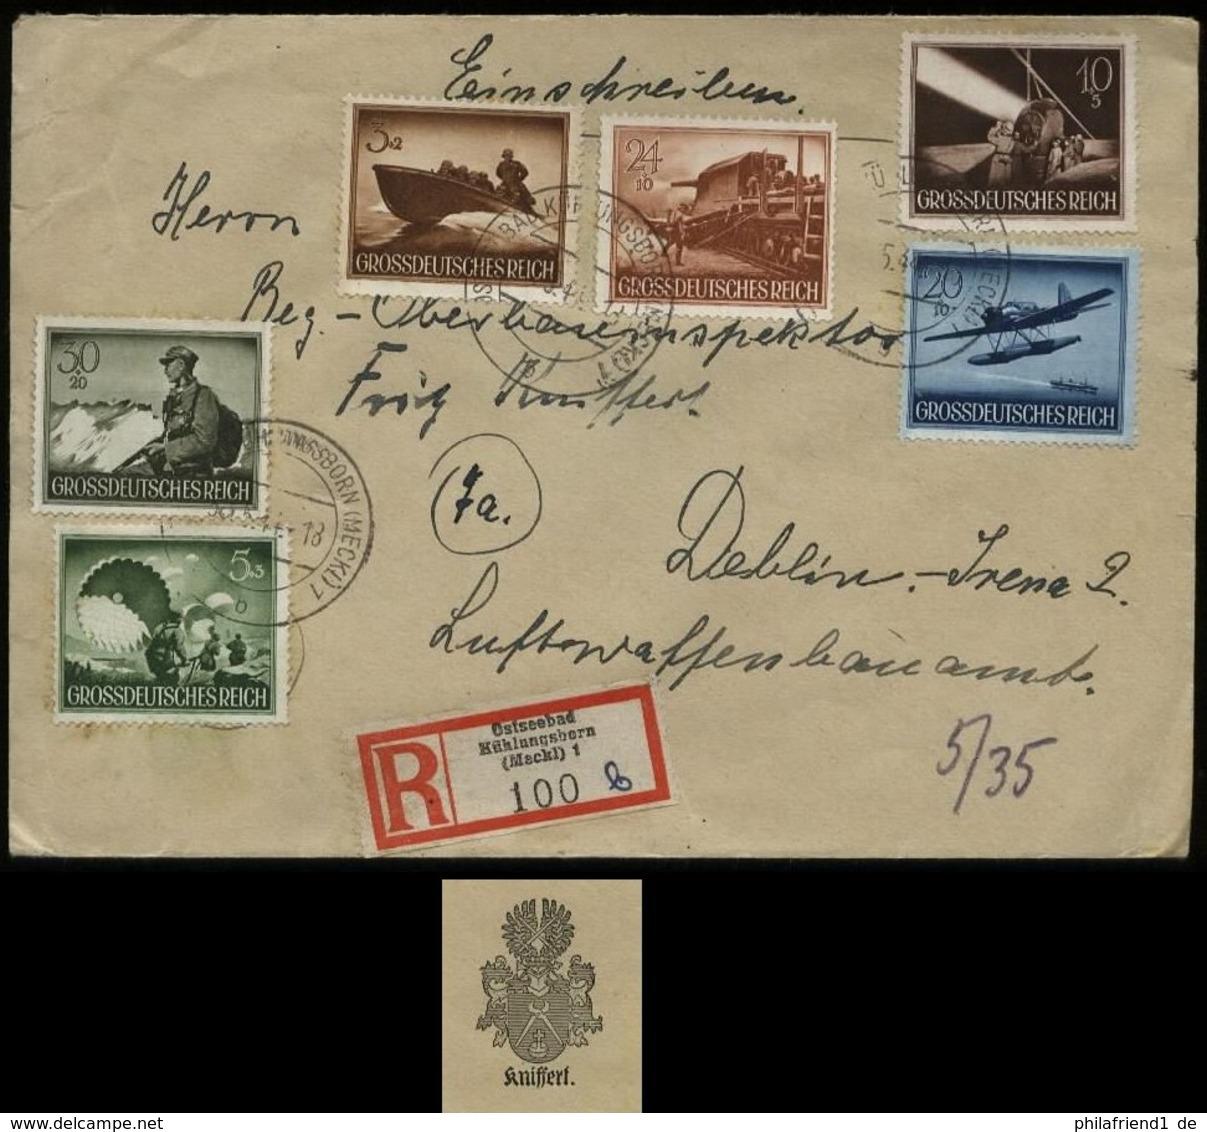 WW II DR Wehrmacht II Auf R - Briefumschlag: Gebraucht Ostseebad Kühlungsborn - Deblin 1944, Bedarfserhaltung. - Germany